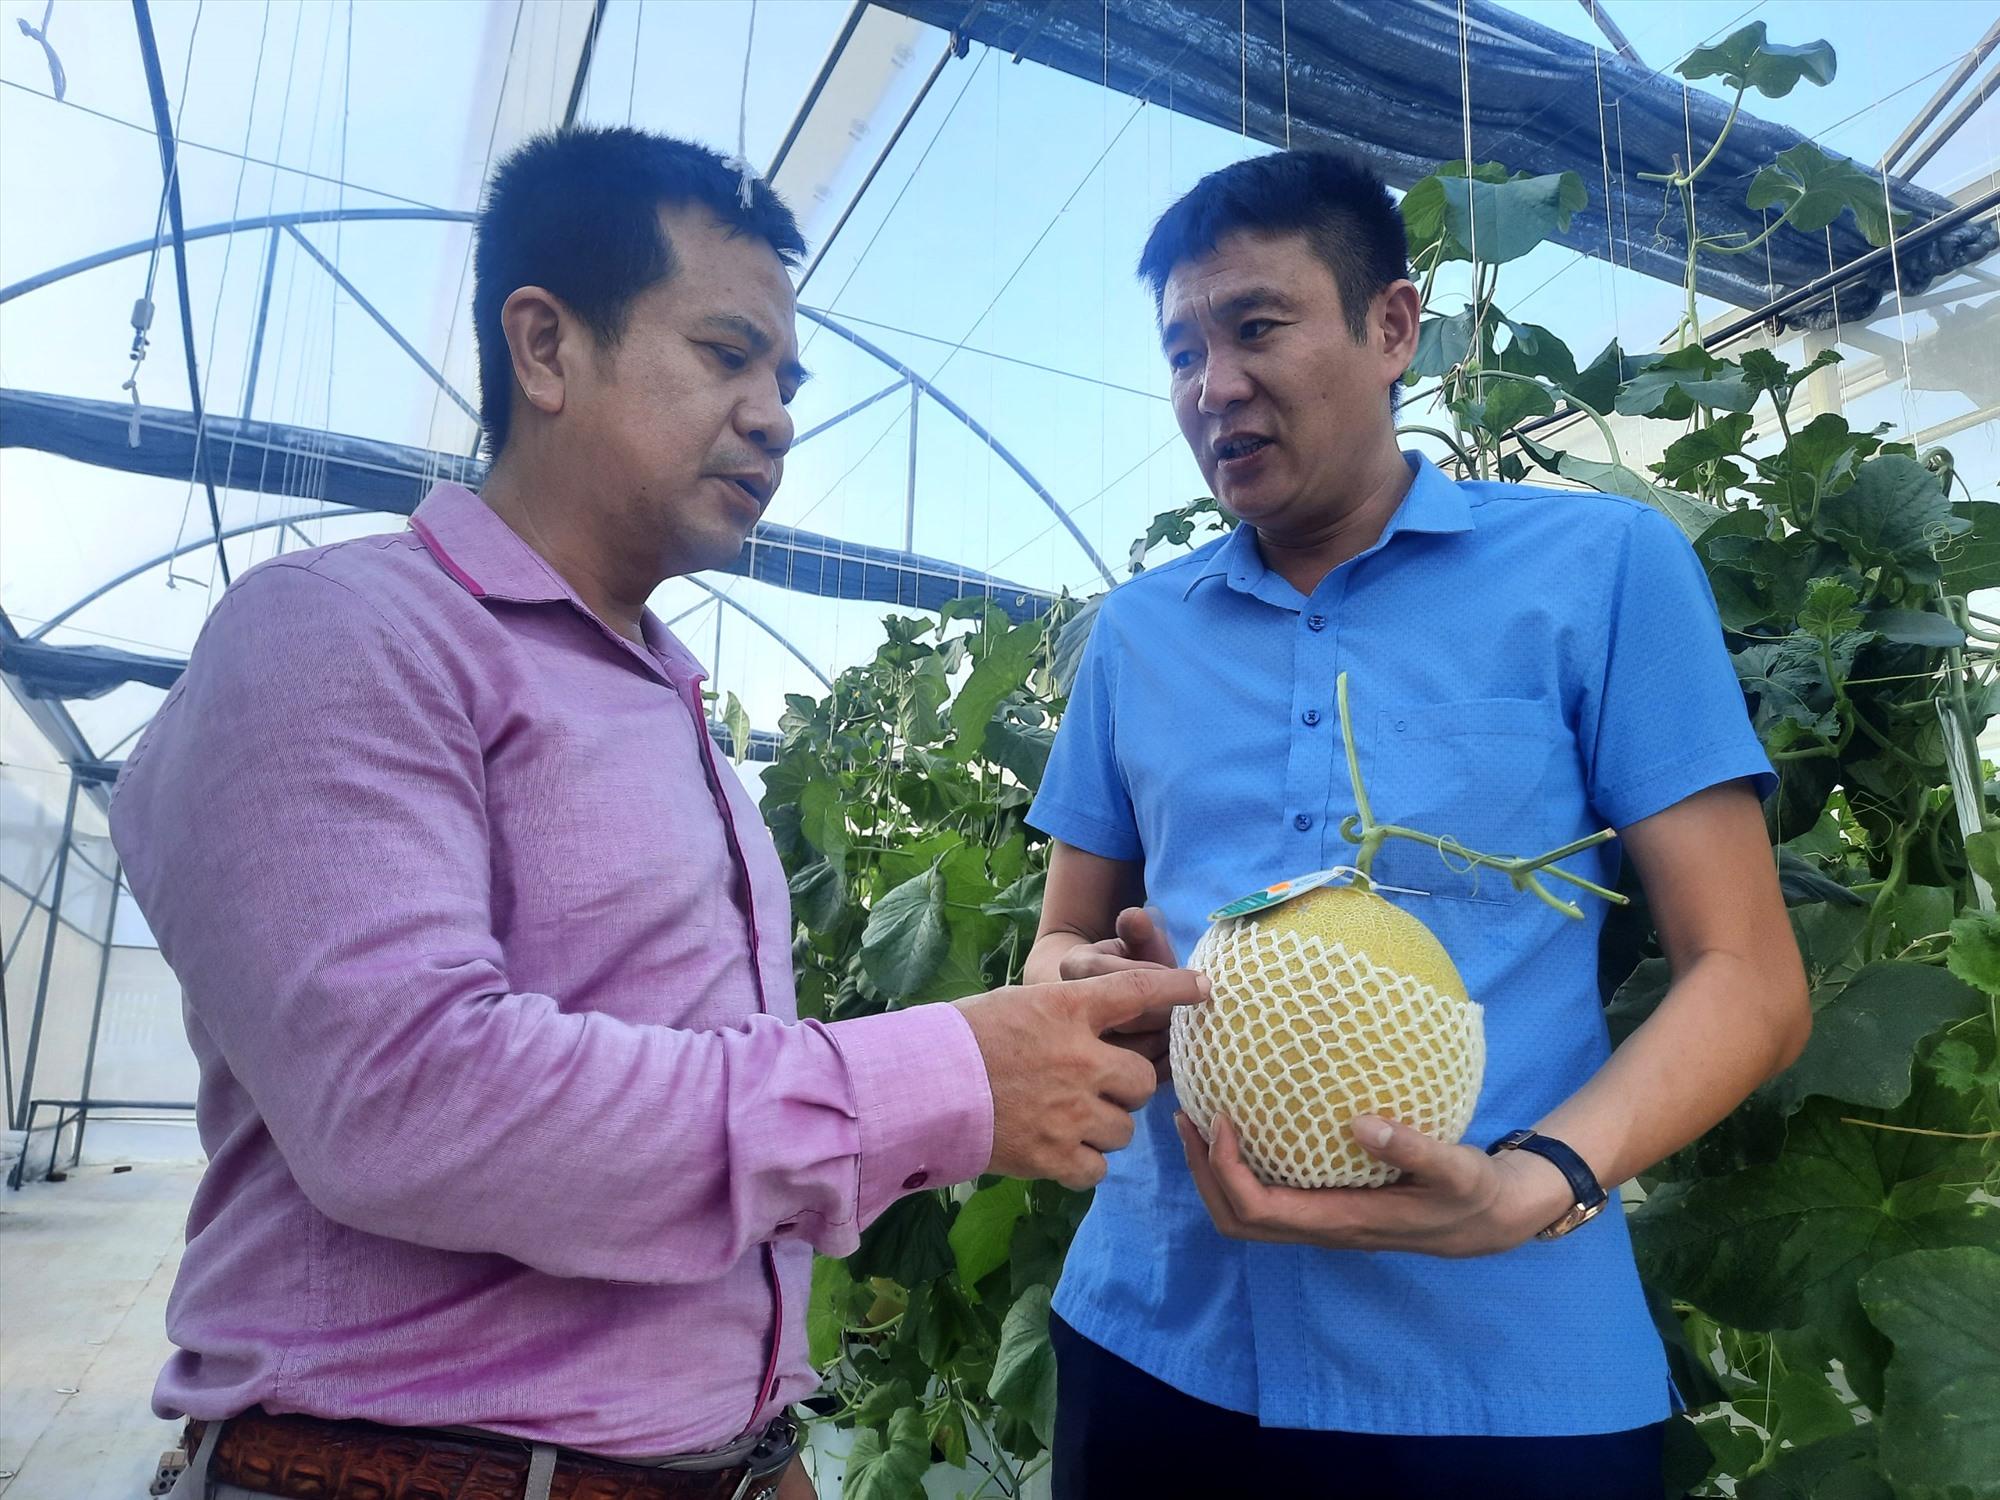 Dưa lưới mang thương hiệu Tân Phong của HTX đã đăng ký truy xuất nguồn gốc và đạt chứng nhận sản phẩm sạch VietGAP. Ảnh: H.Q